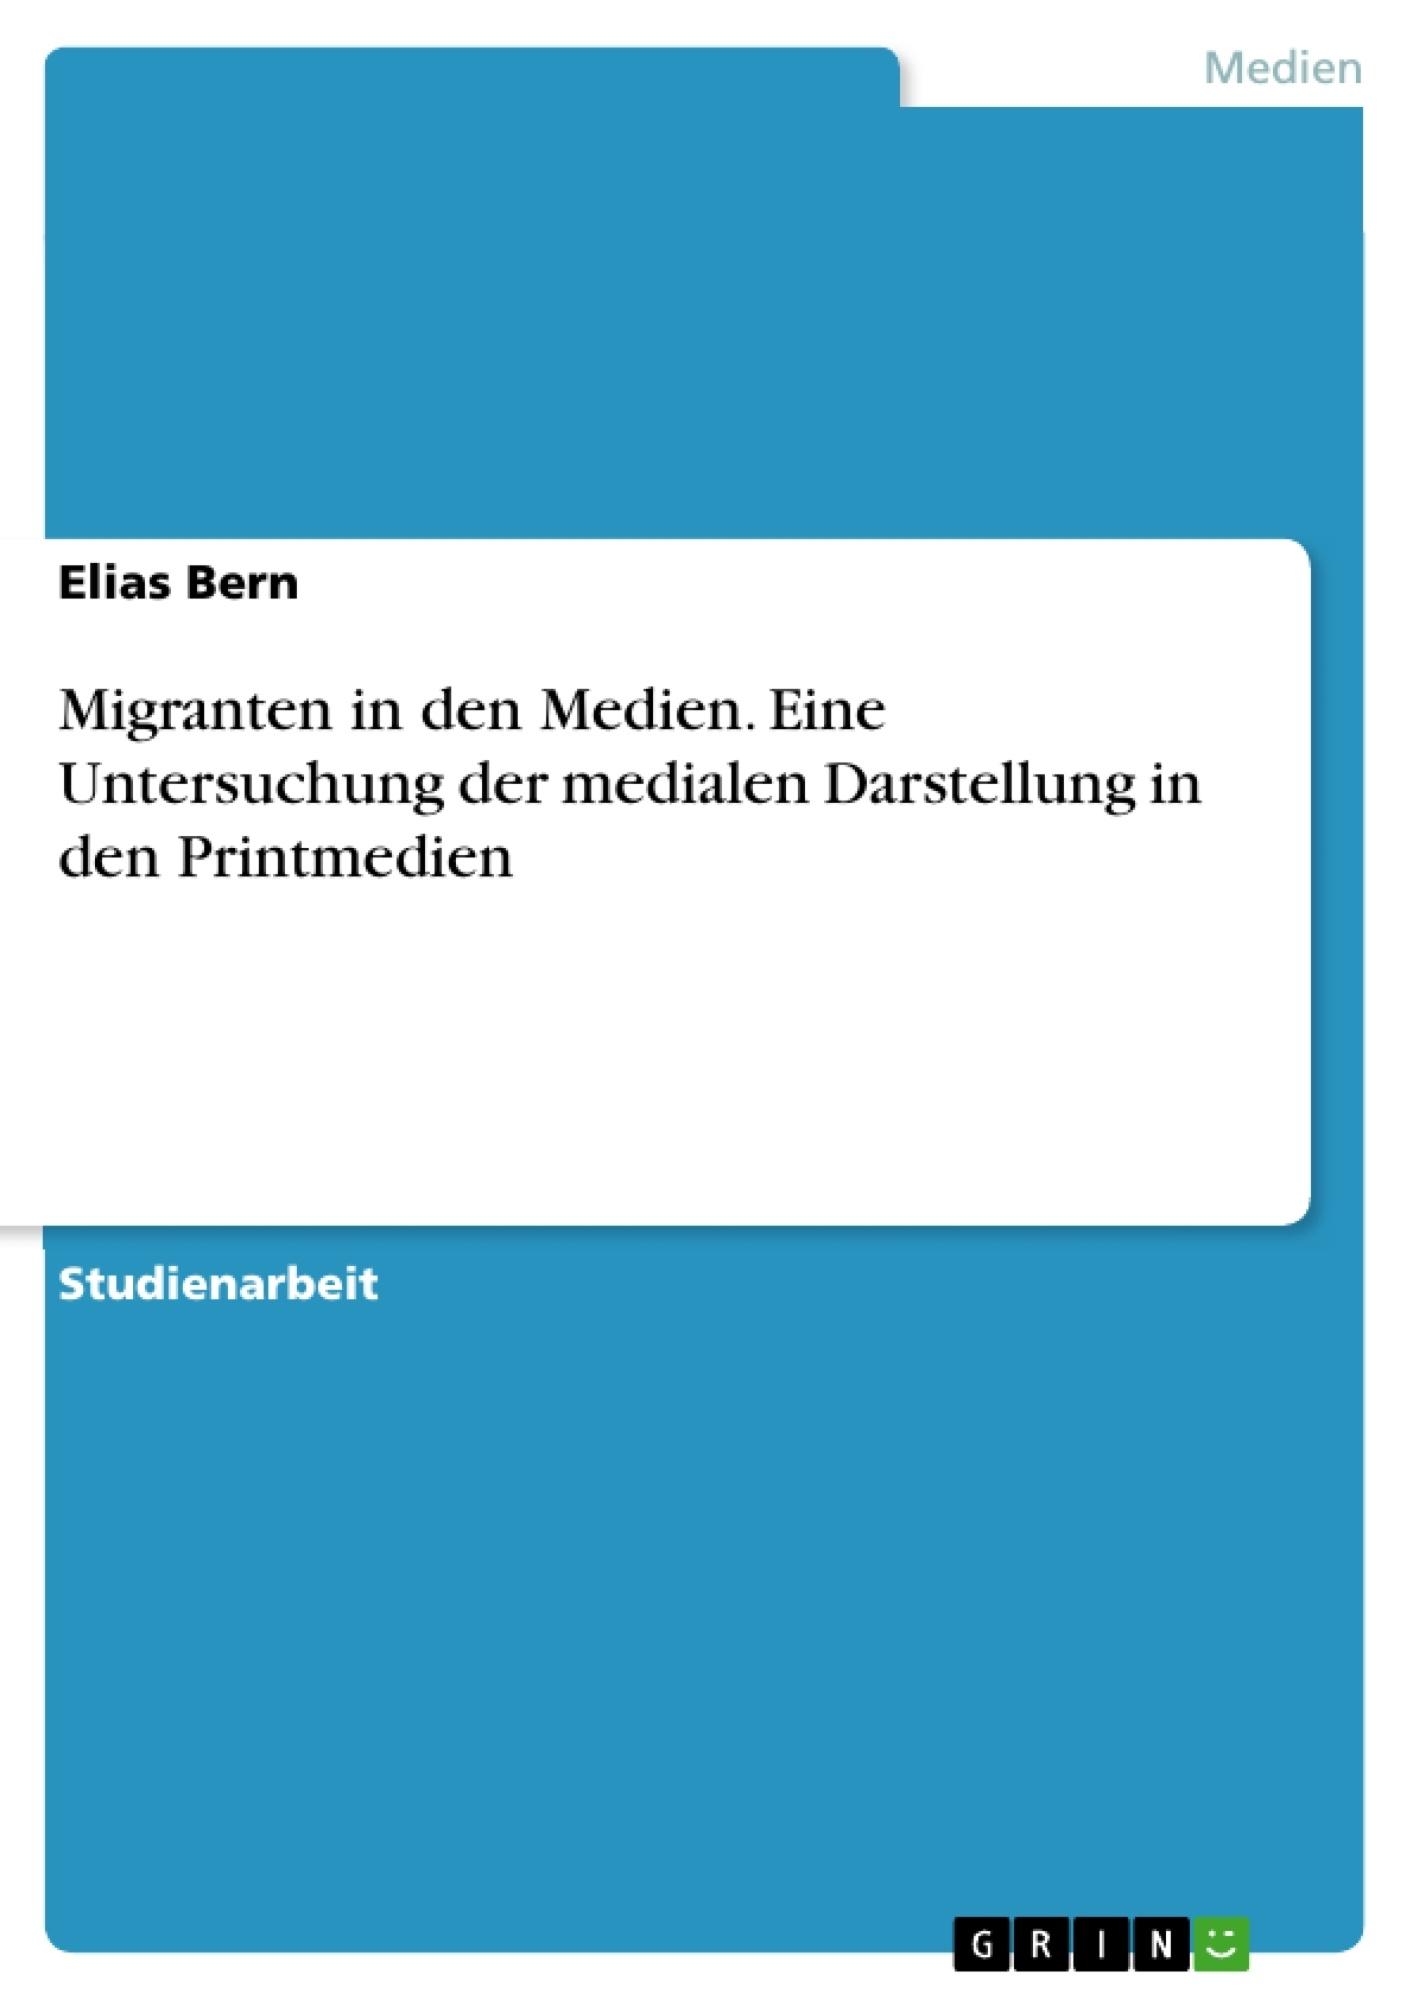 Titel: Migranten in den Medien. Eine Untersuchung der medialen Darstellung in den Printmedien